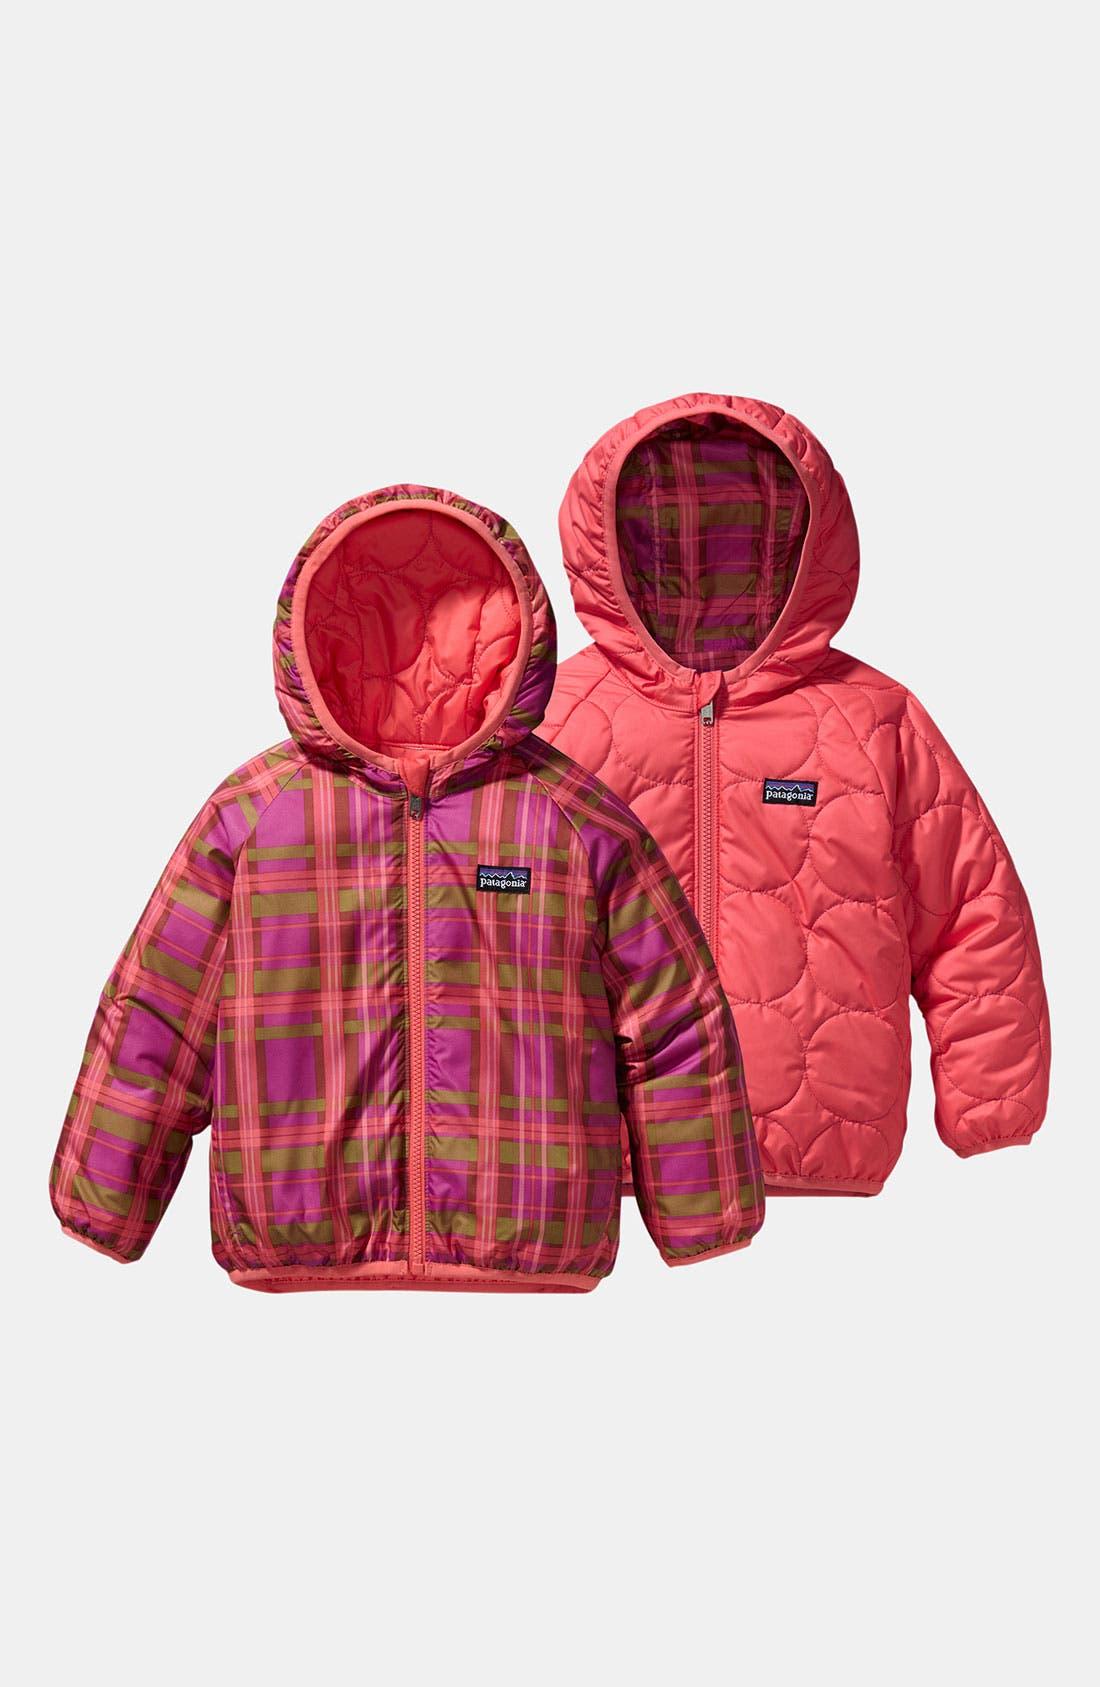 Alternate Image 1 Selected - Patagonia 'Puff-Ball' Reversible Jacket (Toddler)